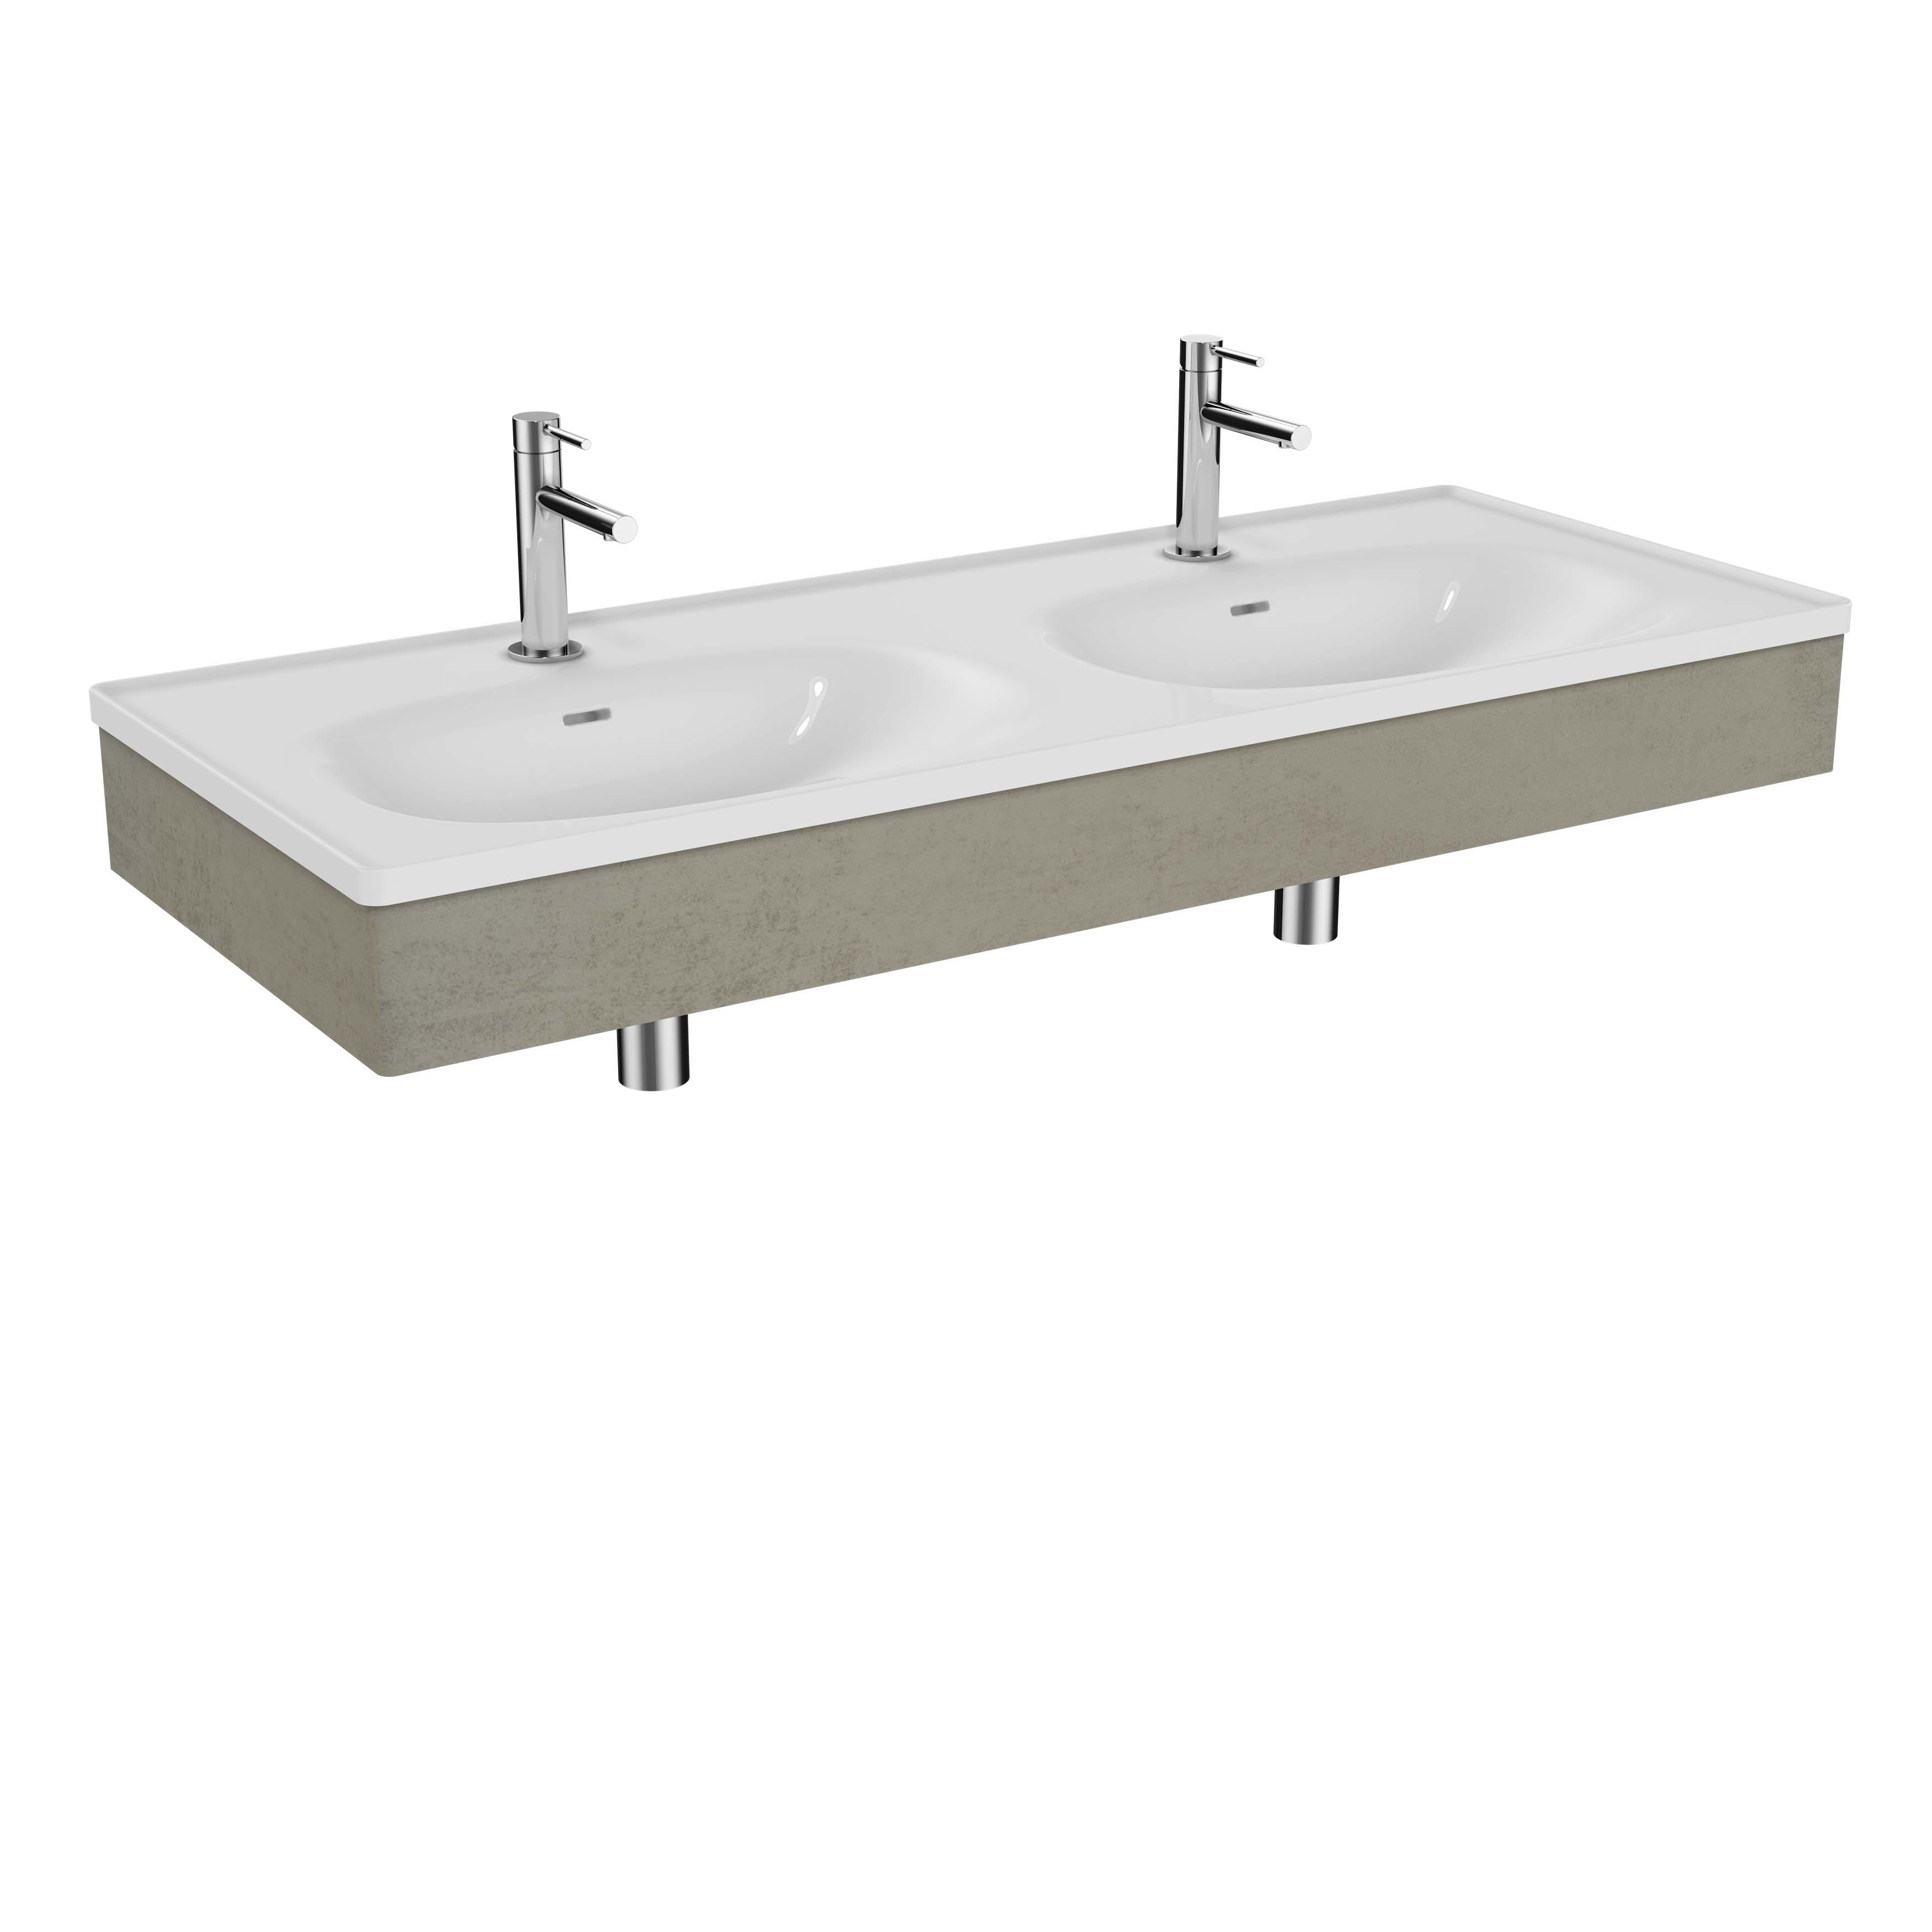 Equal plan céramique, lavabo double, panneau en bois, 130 cm, gris pierre mat / béton